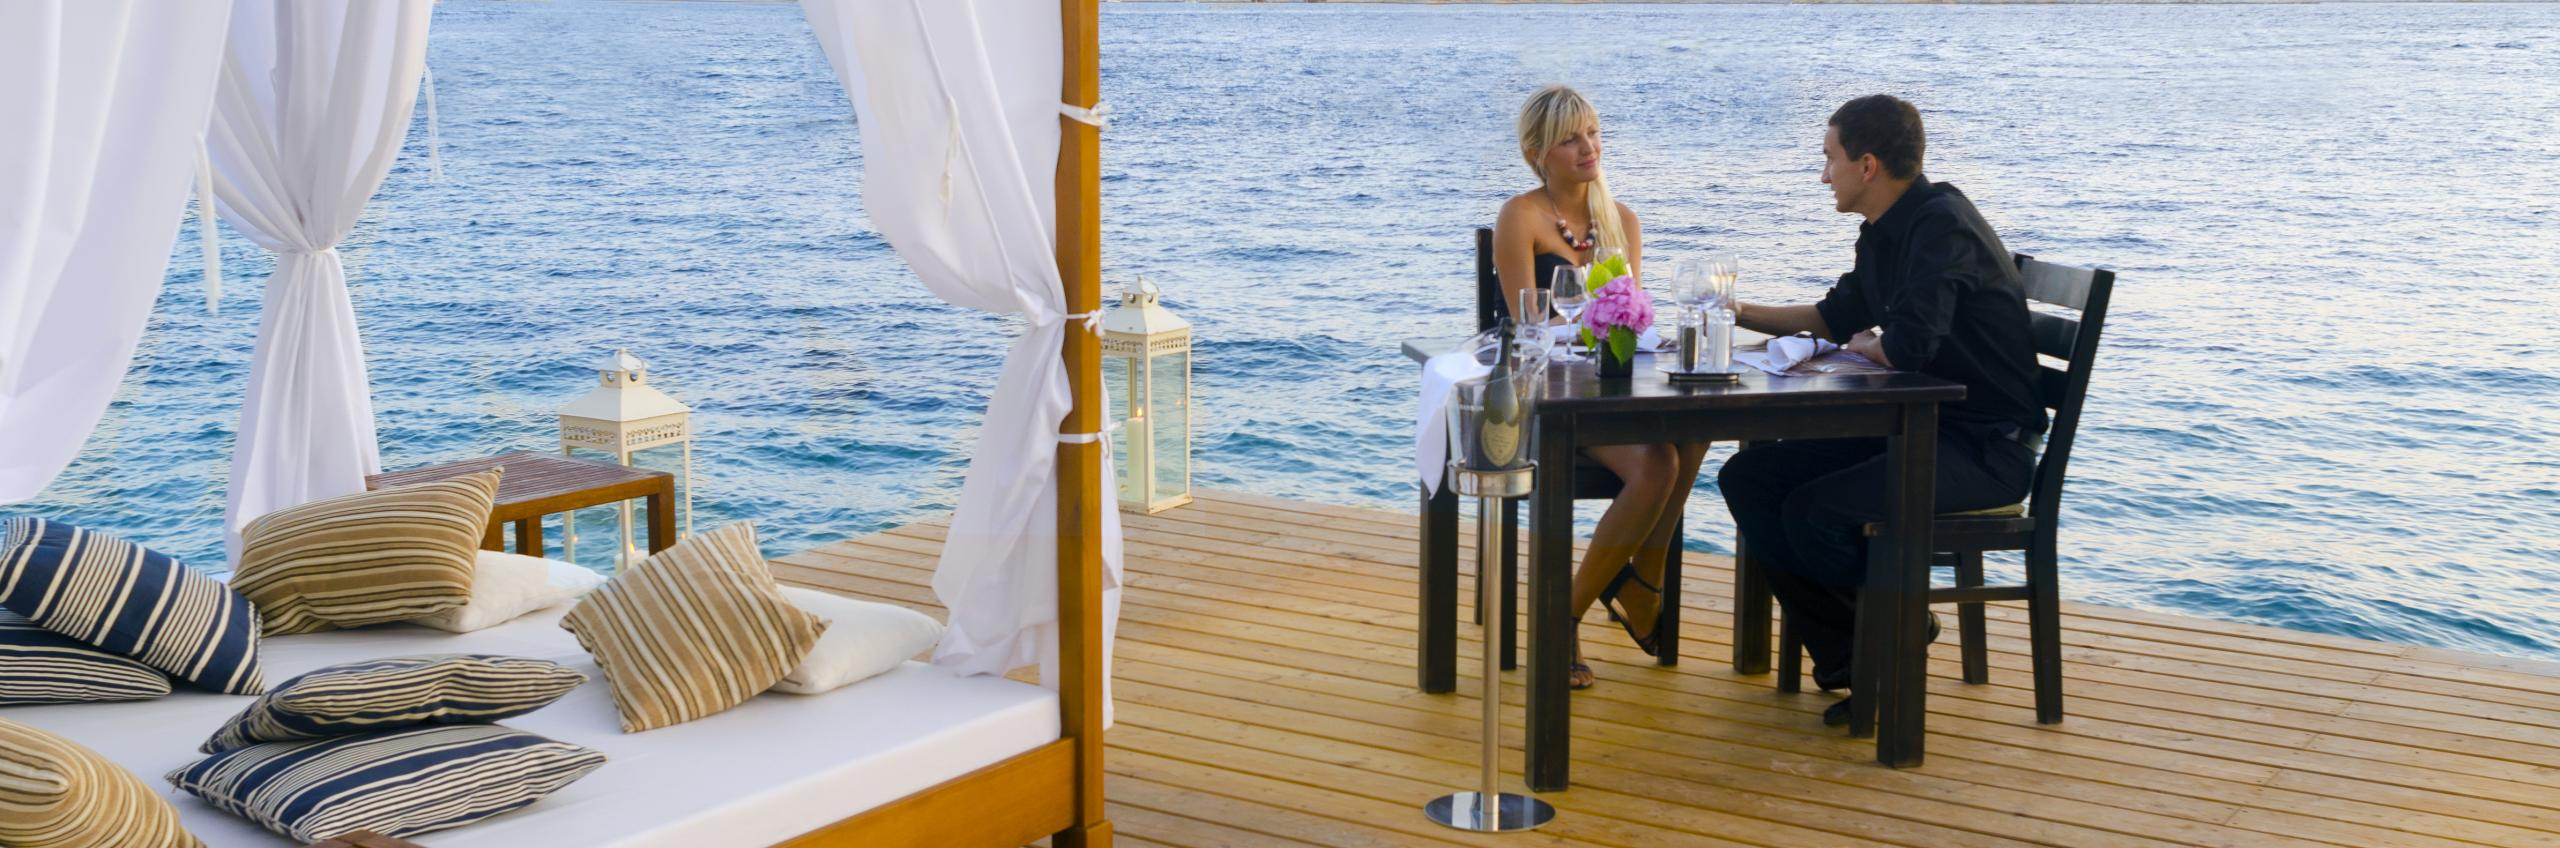 Bonj 'les bains' Luxury beach club